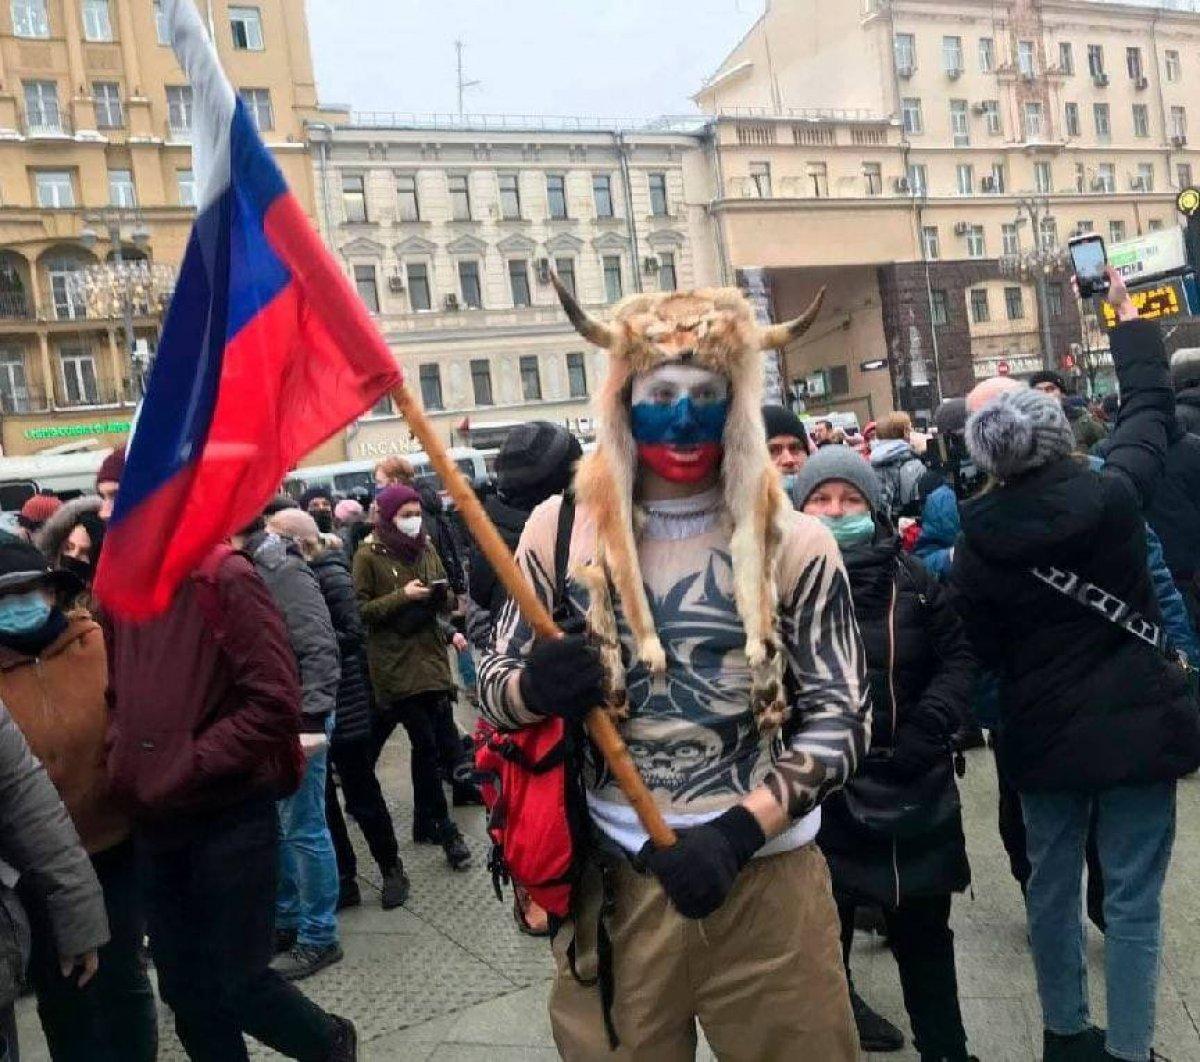 Jake Angeli adlı protestocunun giydiği kostümü giyen bir Navalnıy destekçisi, kameralara yansıdı. https://t.co/2bH1y9cDyh